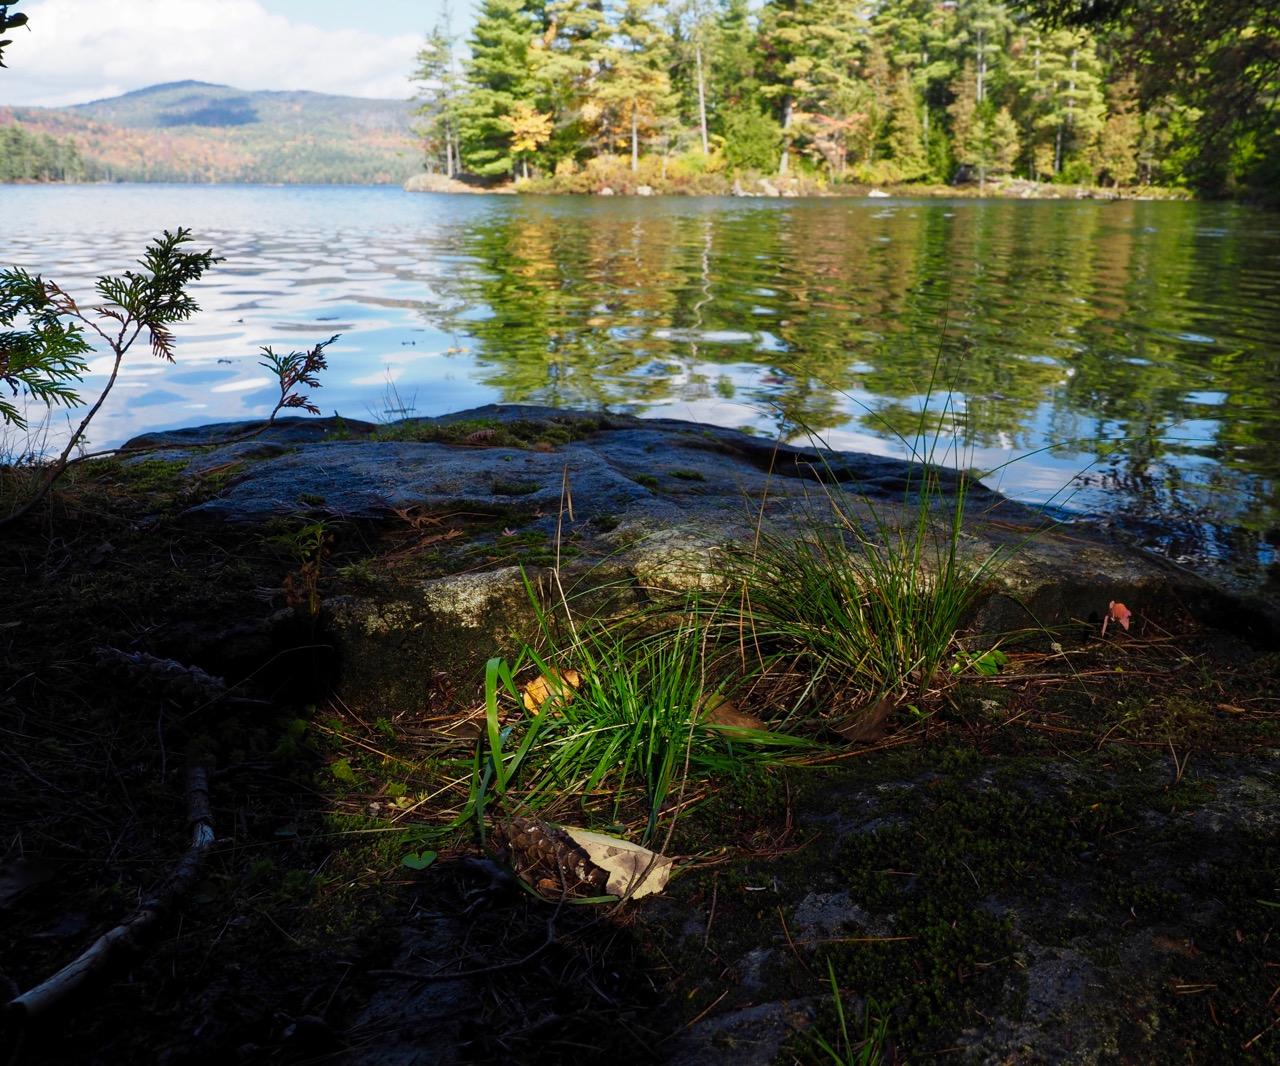 P21-close up grass at lake-PA100369.jpg